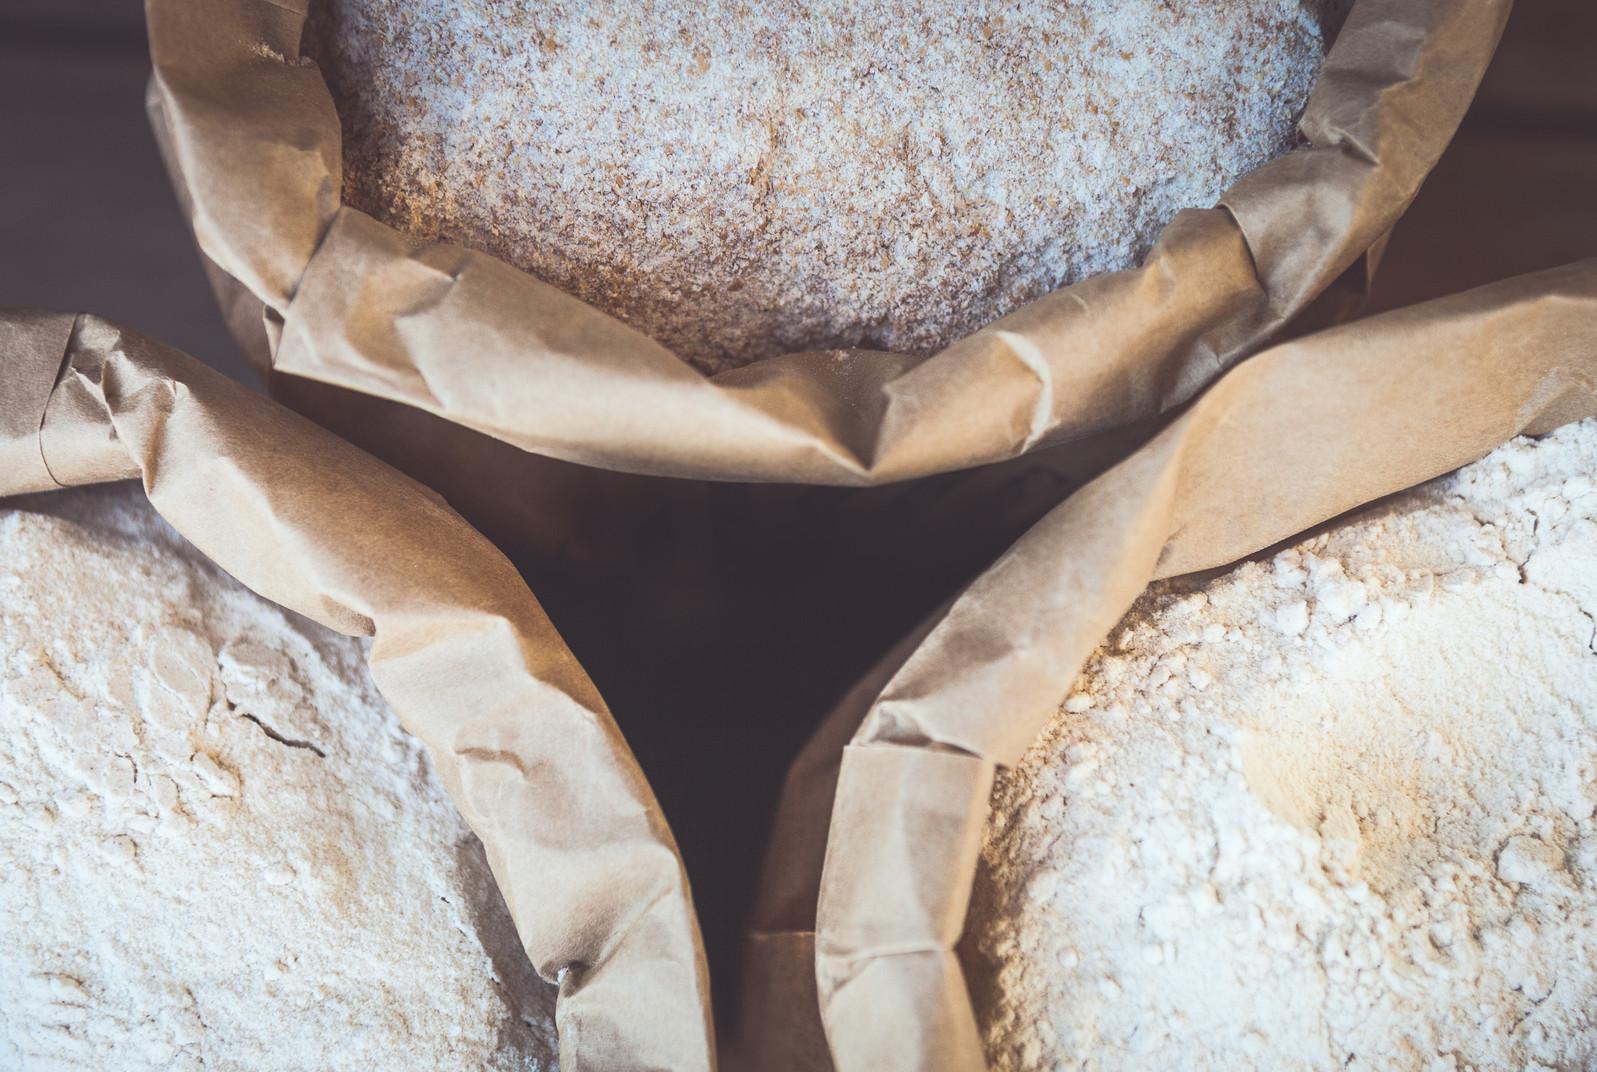 Stoneground flour